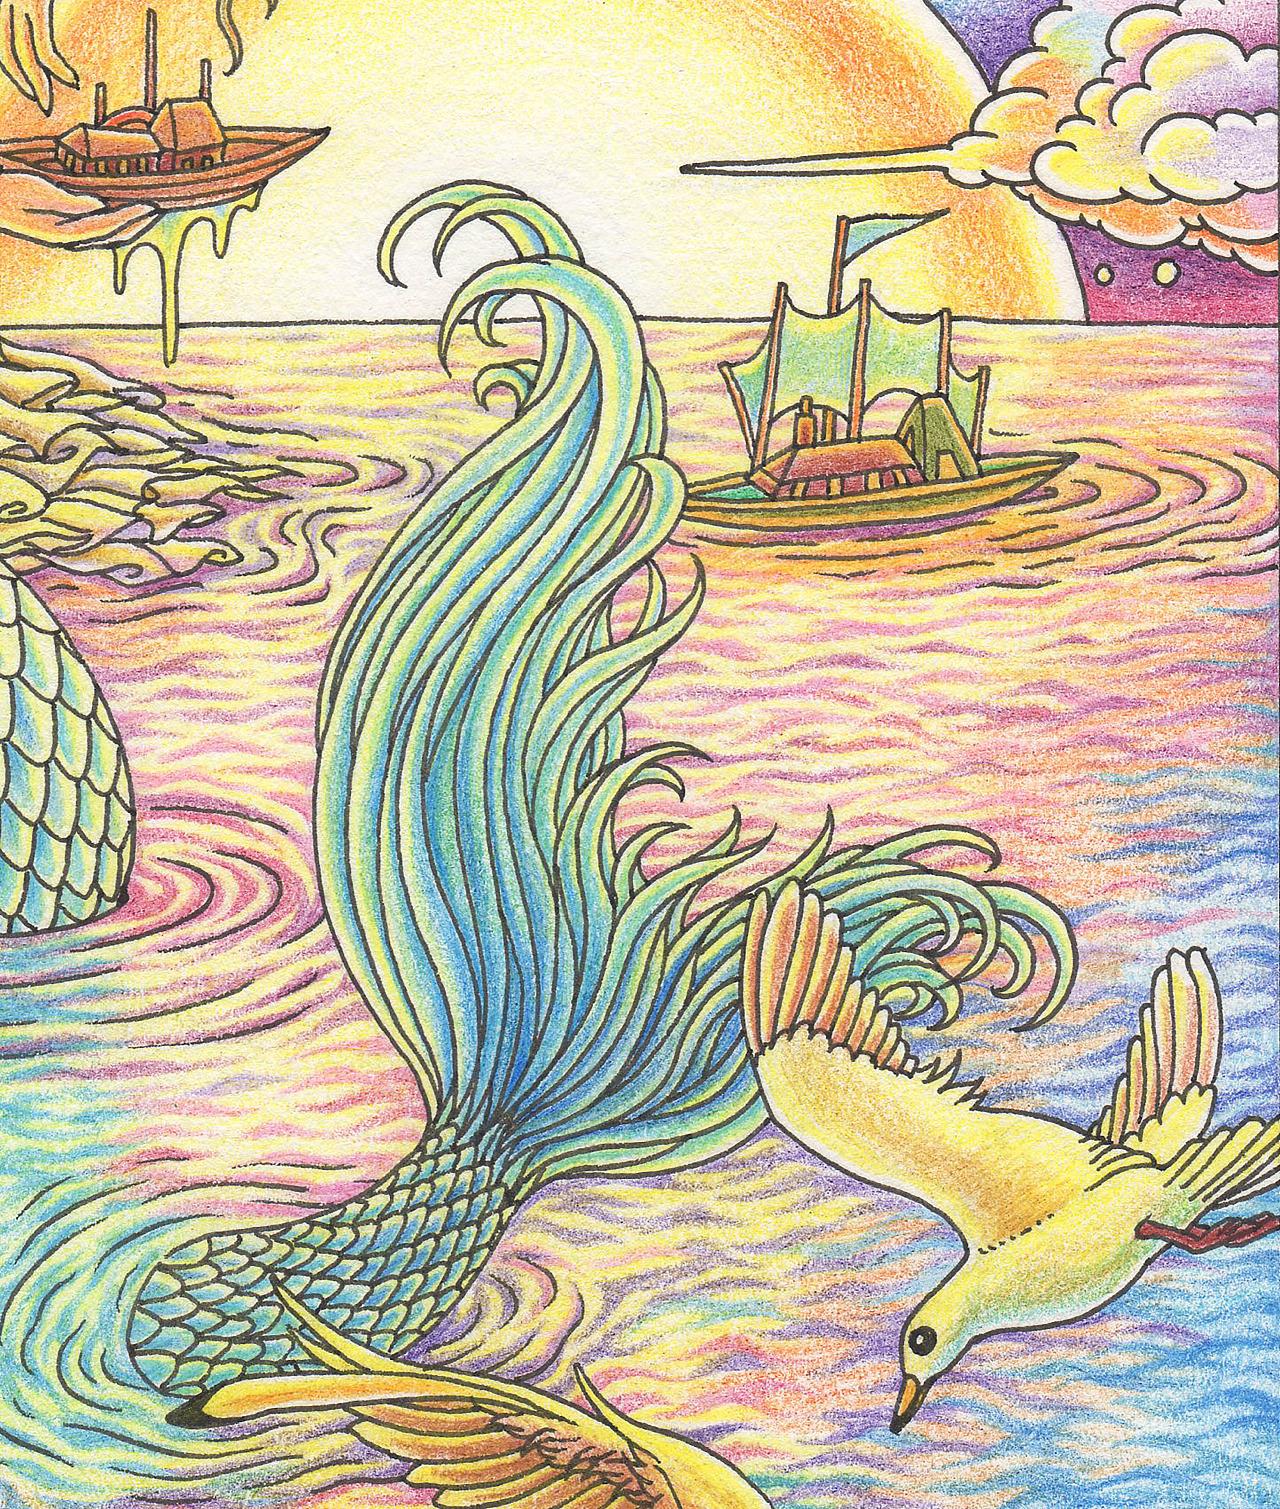 3针管笔   辉柏嘉48色水溶彩色铅笔    用时:12小时 《美人鱼》这幅